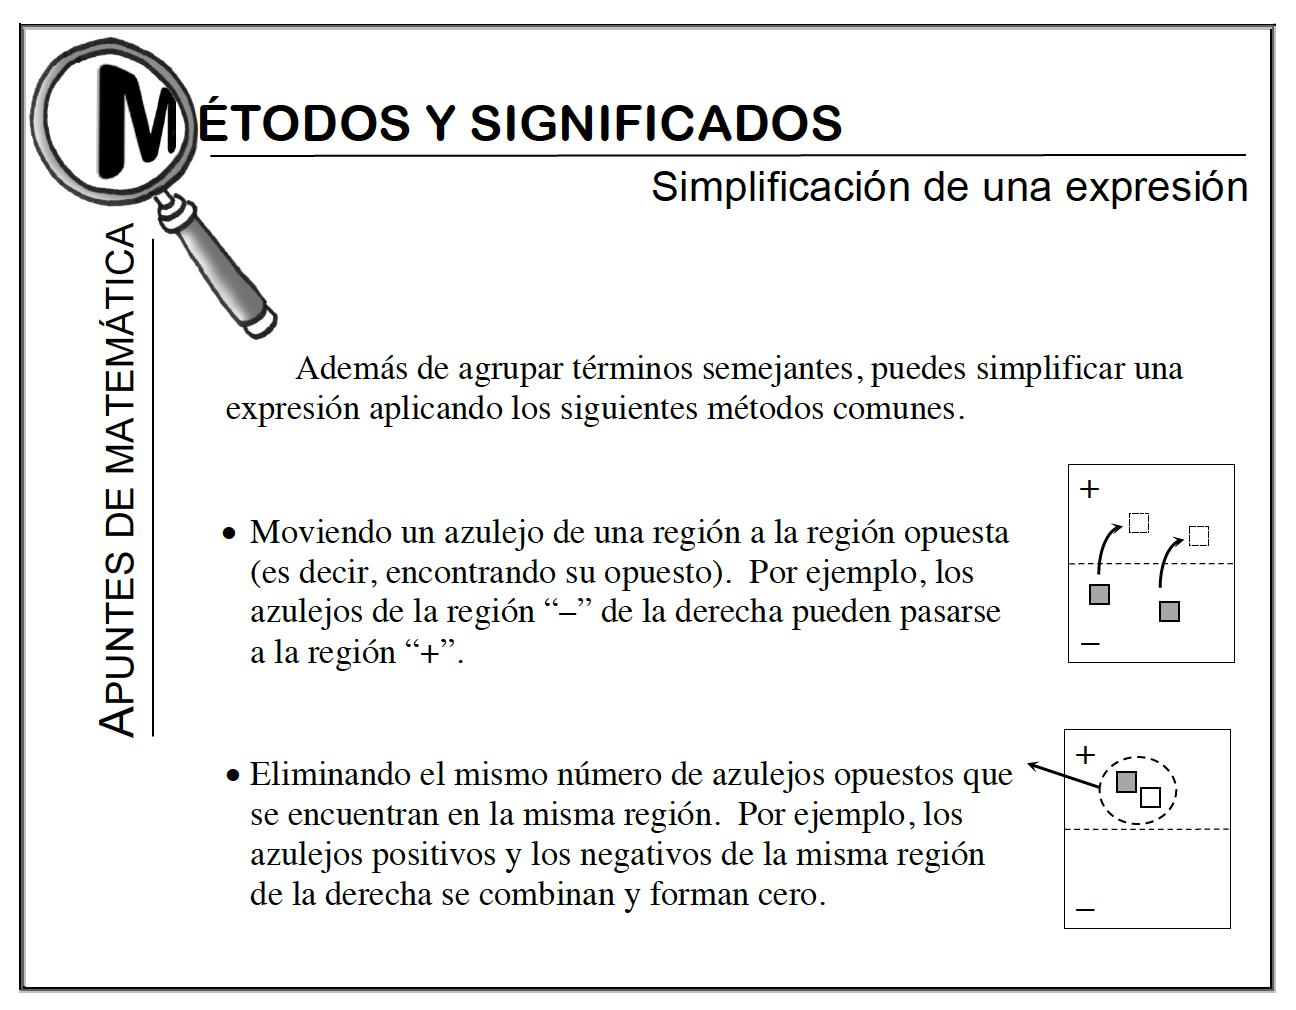 metodos y significados